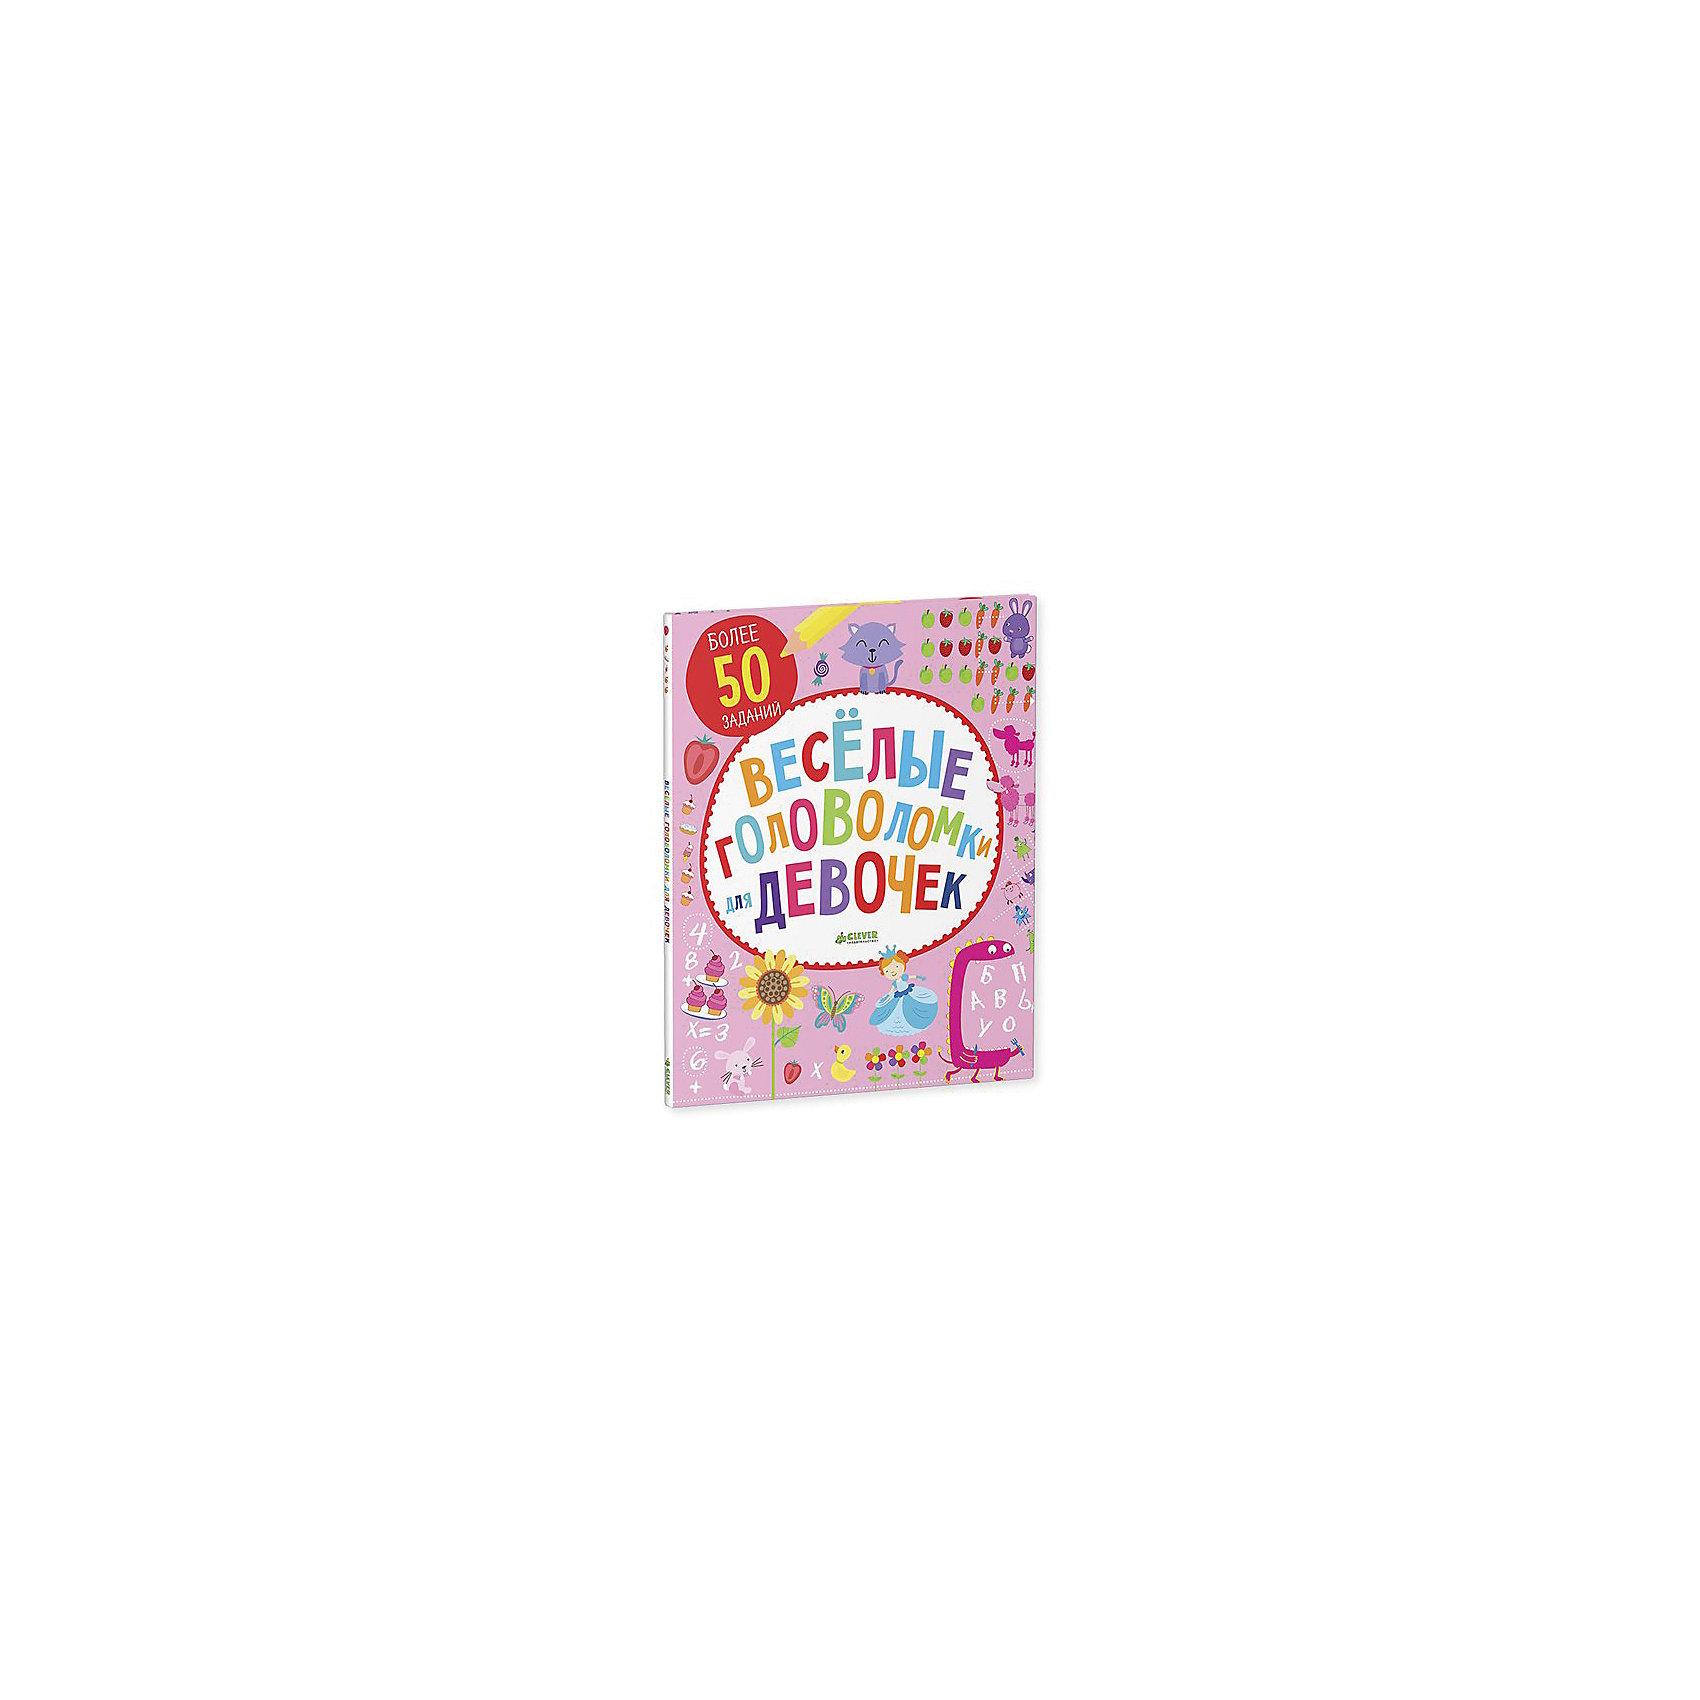 Книга Веселые головоломки для девочекПодготовка к школе<br>Книга Веселые головоломки для девочек – это красочная книга, в которой более 50 занимательных заданий.<br>Скорее бери карандаш и приготовься решать головоломки! Увлекательные задания на логику и внимательность, интересные лабиринты, игры с числами и словами, задания на внимательность, лабиринты, находилки, бродилки и многое другое. Скучно не будет!<br><br>Дополнительная информация:<br><br>- Автор: Поттер Уильям<br>- Художники: Вуд Стив, Твоми Эмили, Аниель Изабель<br>- Переводчик: Покидаева Татьяна<br>- Редактор: Измайлова Елена<br>- Издательство: Клевер Медиа Групп, 2016 г.<br>- Серия: Рисуем и играем<br>- Тип обложки: мягкая<br>- Иллюстрации: цветные<br>- Количество страниц: 64<br>- Размер: 270x215x8 мм.<br>- Вес: 228 гр.<br><br>Книгу Веселые головоломки для девочек можно купить в нашем интернет-магазине.<br><br>Ширина мм: 270<br>Глубина мм: 215<br>Высота мм: 8<br>Вес г: 228<br>Возраст от месяцев: 84<br>Возраст до месяцев: 132<br>Пол: Женский<br>Возраст: Детский<br>SKU: 4621985